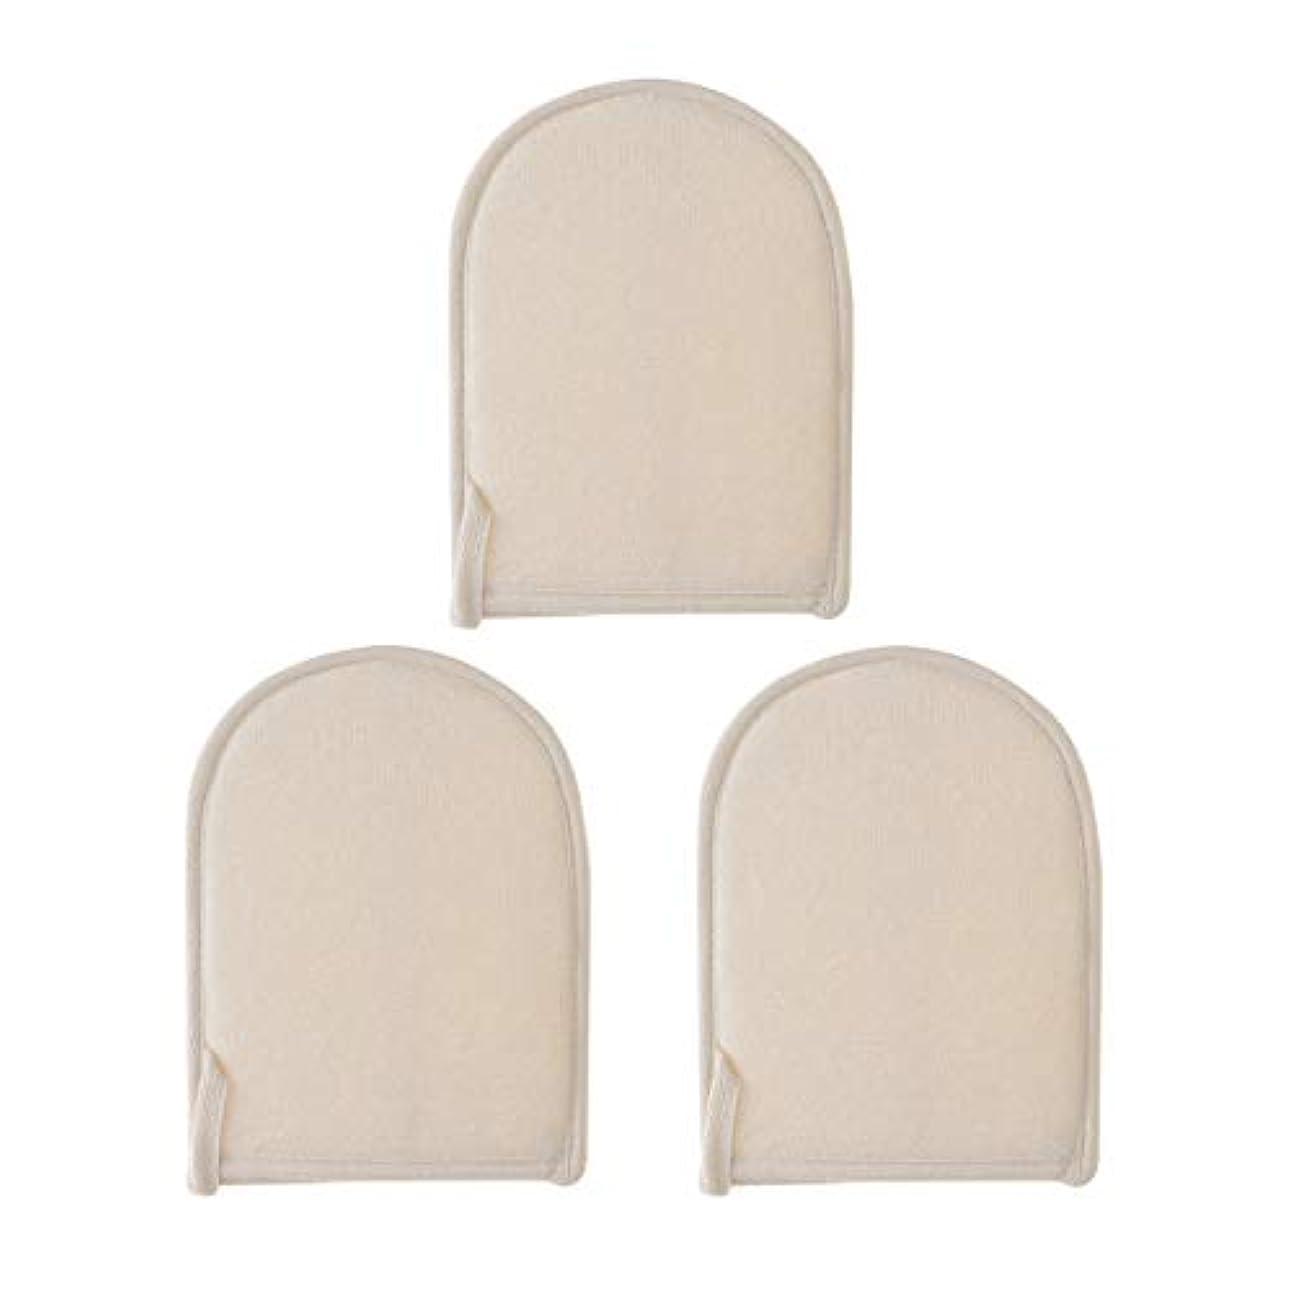 もろい指定夫婦HEALIFTY ボディクリーニング手袋バス剥離手袋シャワースポンジスクラバー3個